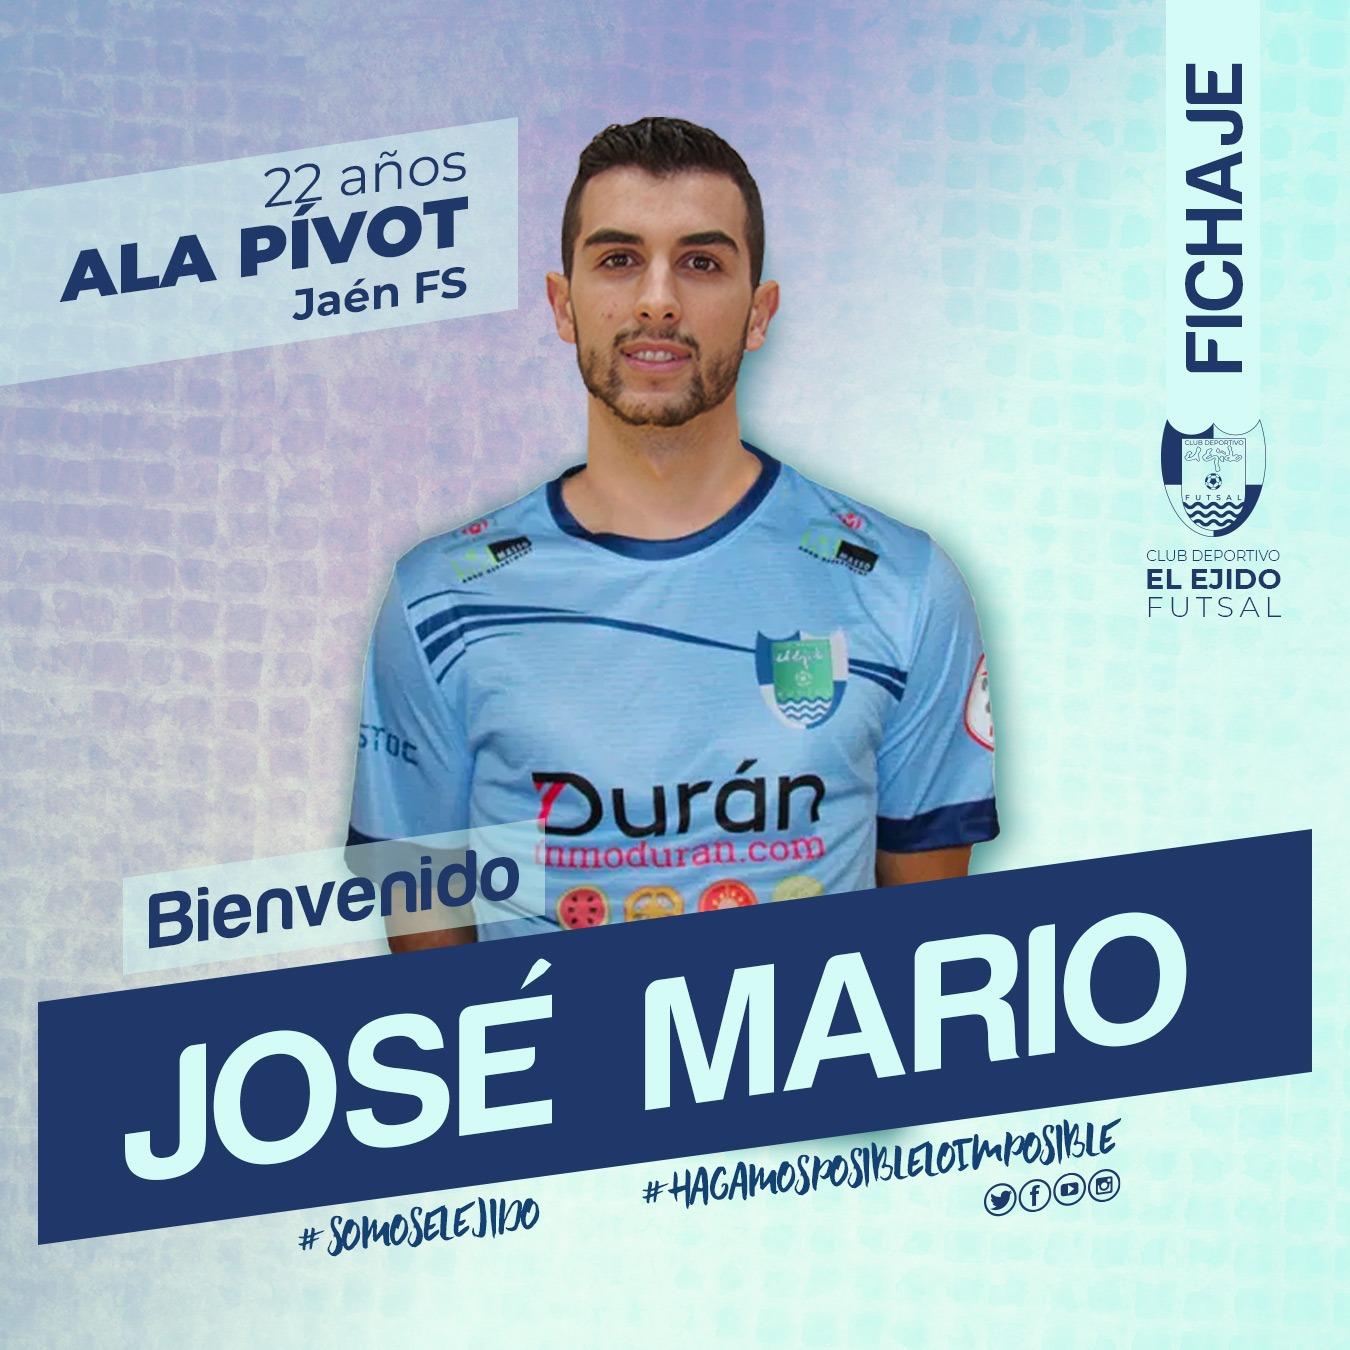 El ala pívot José Mario se incorpora a Durán Ejido Futsal